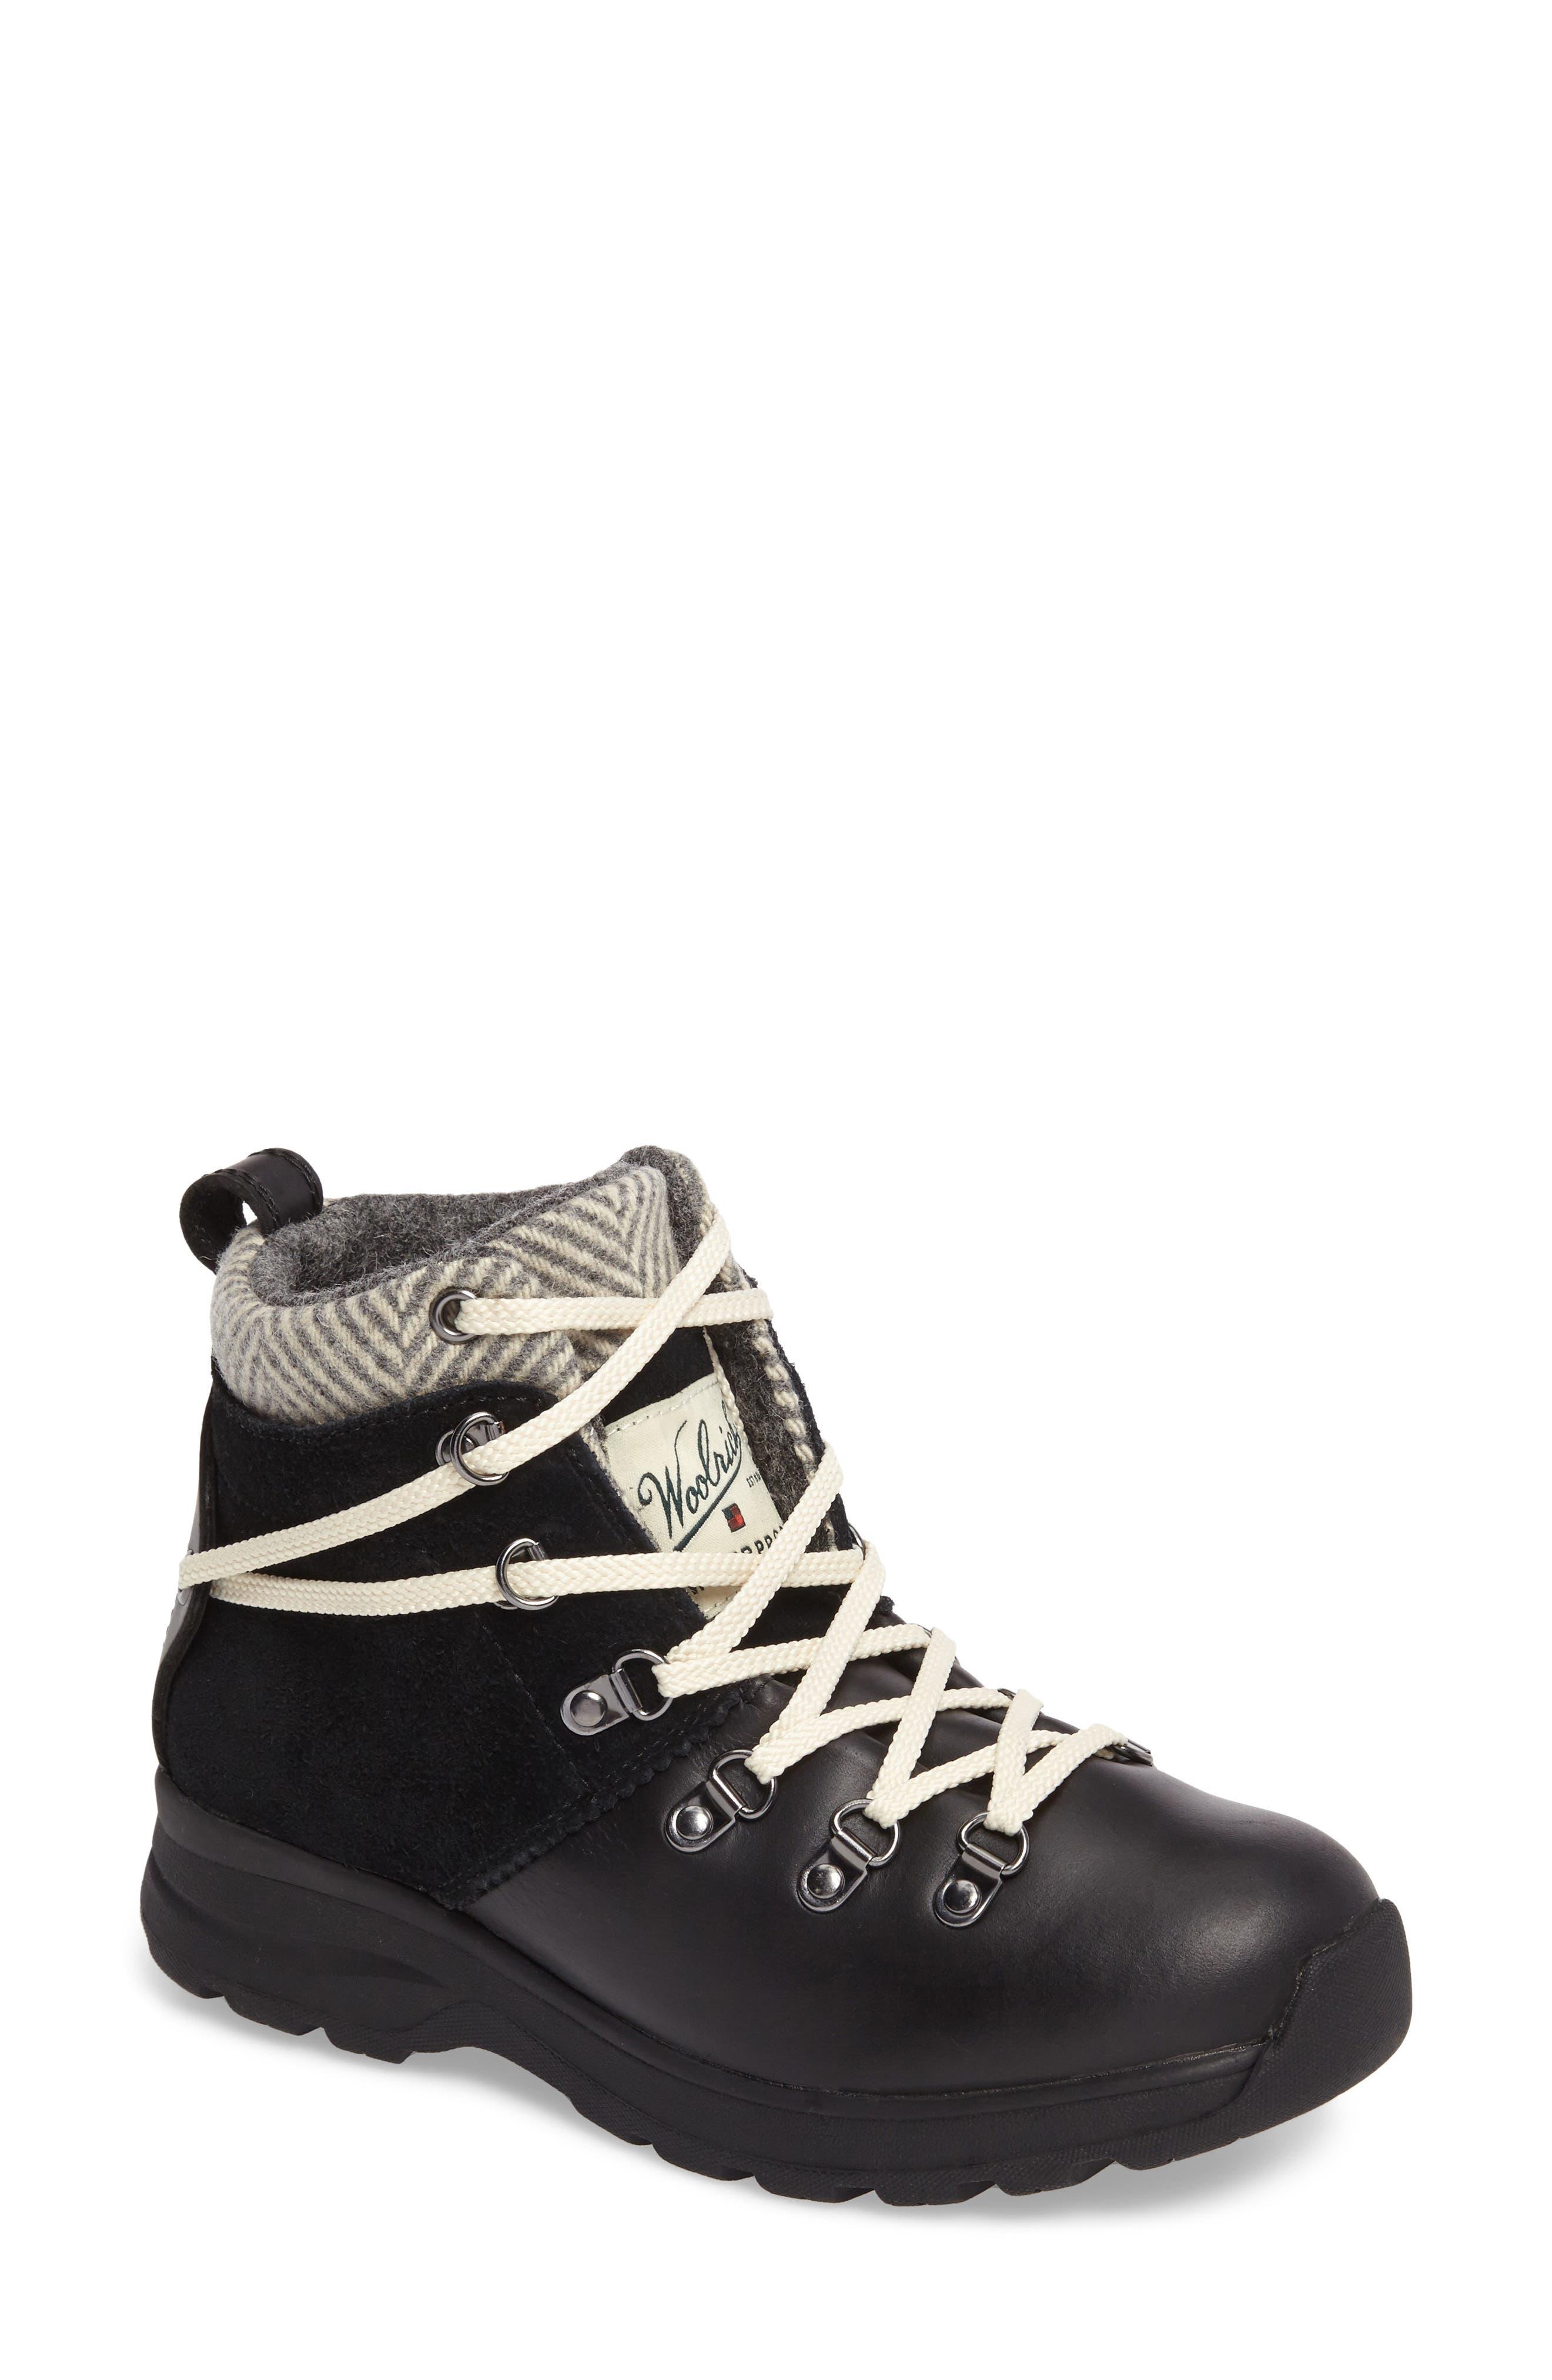 Alternate Image 1 Selected - Woolrich Rockies II Waterproof Hiking Boot (Women)